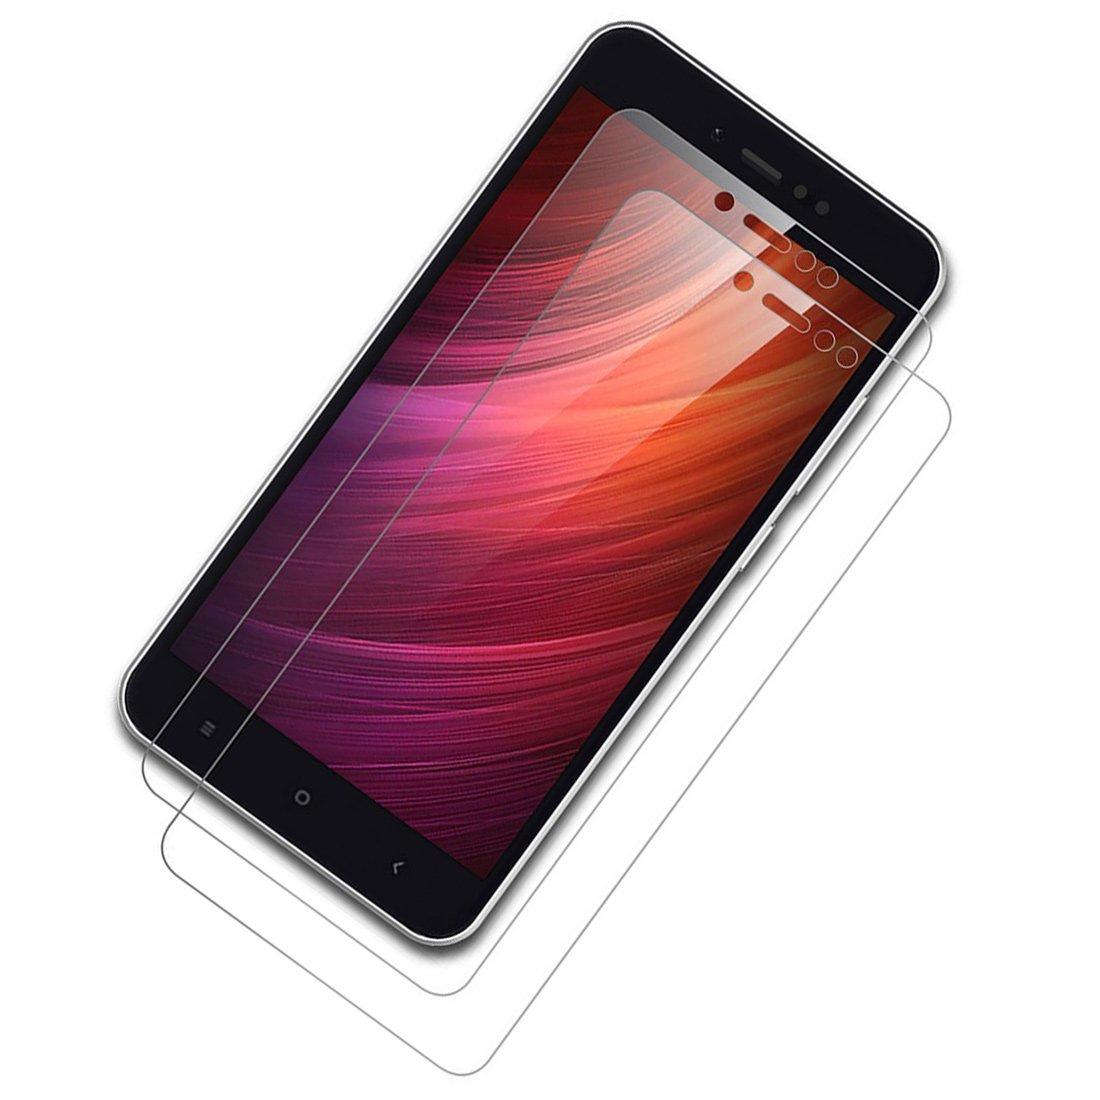 Leathlux Protettiva Schermo Protettore Protezione dello schermo Pellicola Protettiva in Vetro Temperato per Xiaomi Redmi Note 5A Redmi Y1 Lite 5.5 2Pack x Pellicola Vetro Temperato Redmi Note 5A